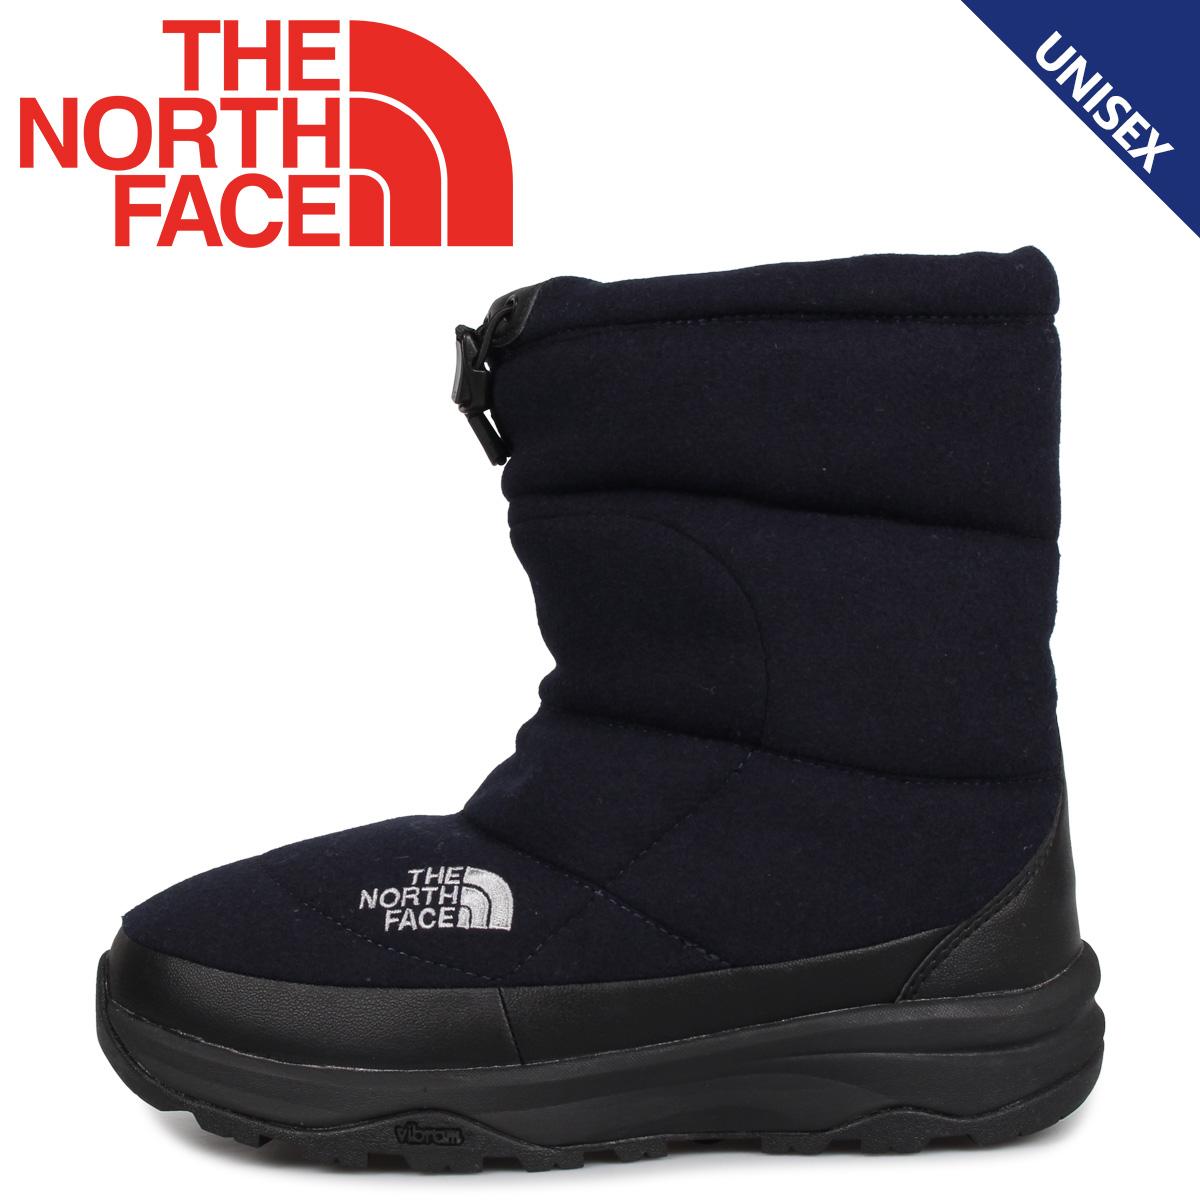 THE NORTH FACE ノースフェイス ヌプシ ブーティ ウール5 ブーツ ウィンターブーツ メンズ レディース NUPTSE BOOTIE WOOL 5 ネイビー NF51978